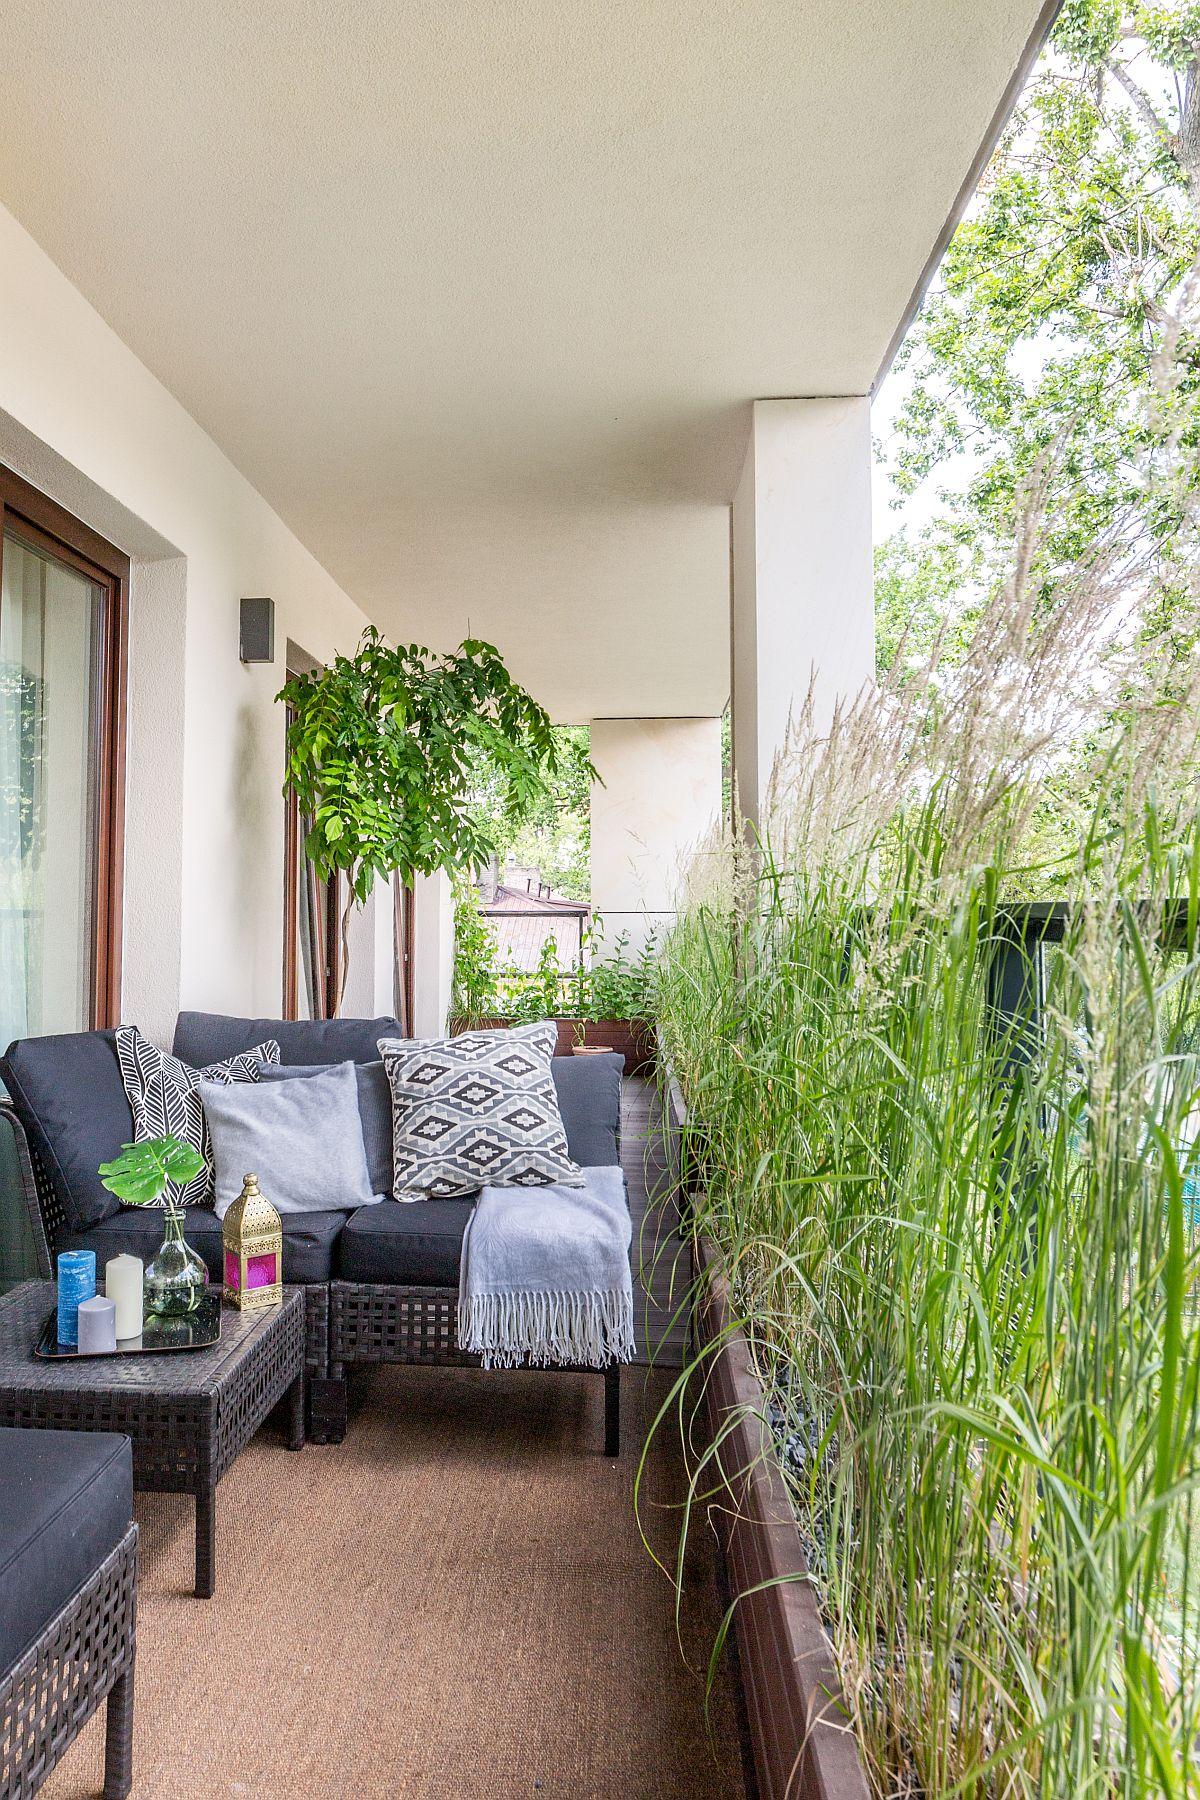 Balustrada din sticlă a balconului a fost camuflată de jardiniere cu plante înalte, care asigură intimitate.